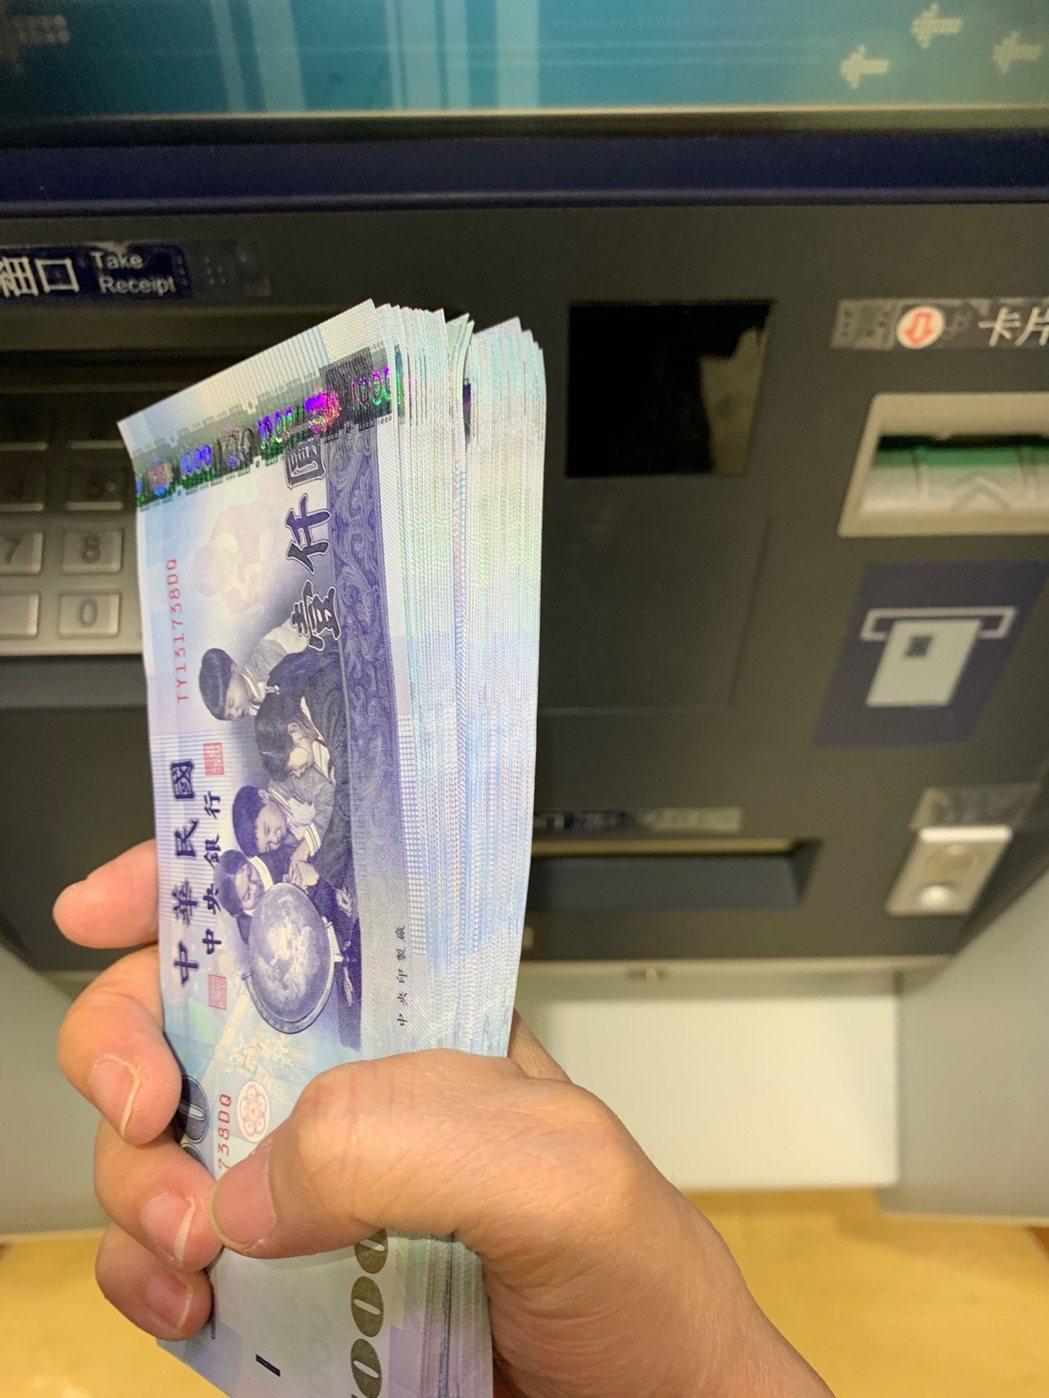 勞工紓困貸款將於1月22日截止申請,土銀表示將動員全行人力,在農曆年前完成撥貸手...